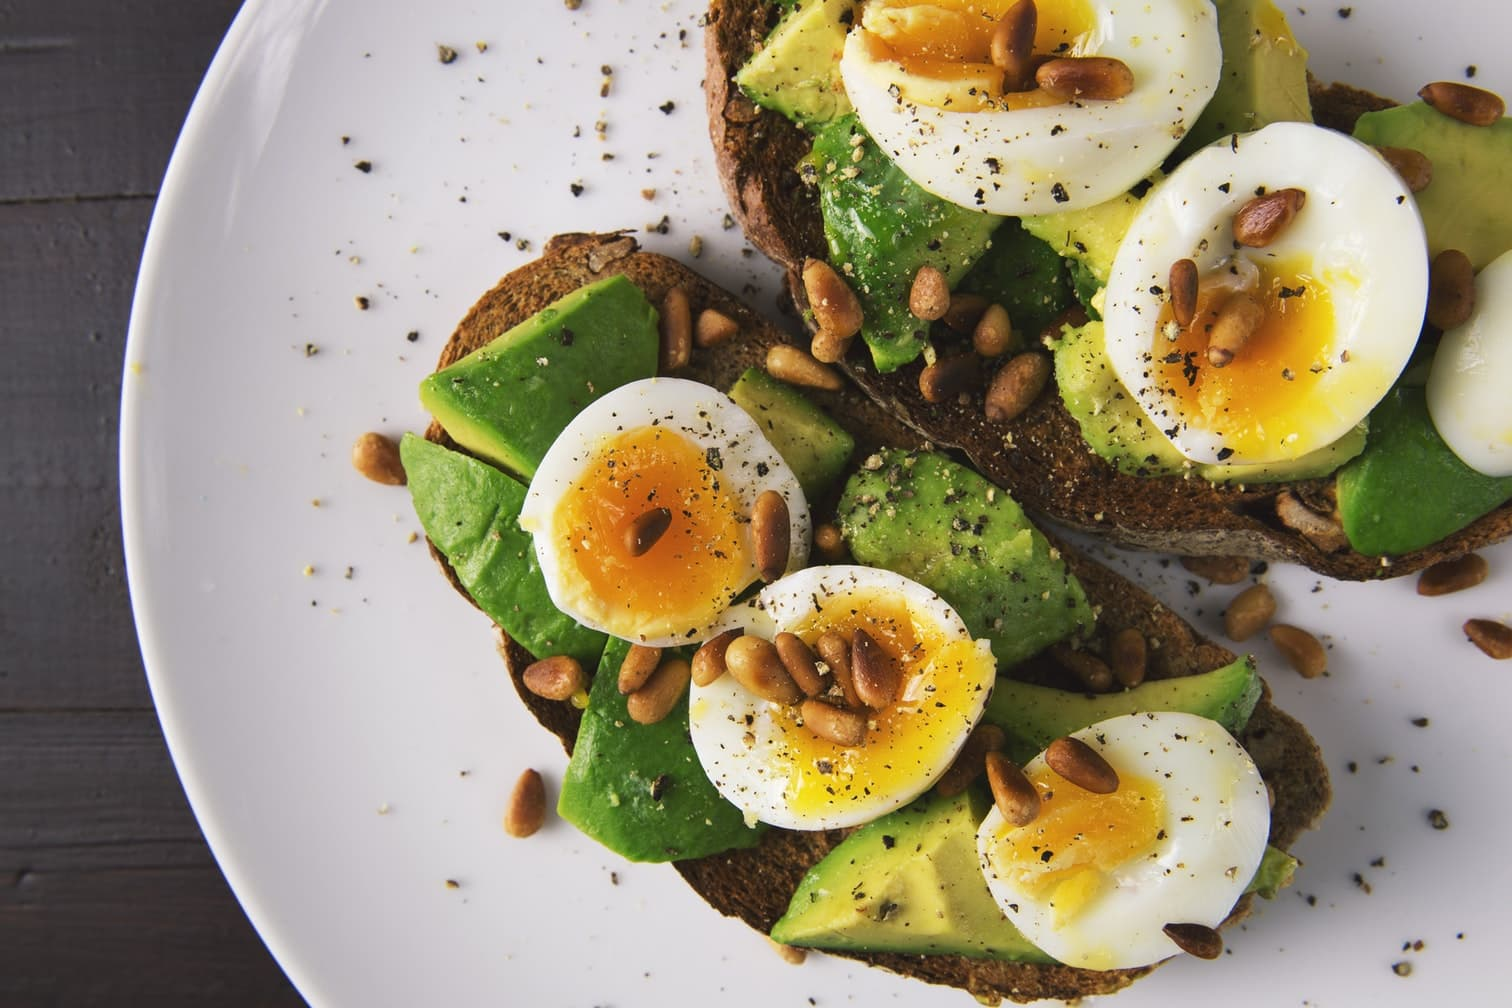 Zdrowy catering pudełkowy czyli… Dieta dostosowana do Twoich potrzeb